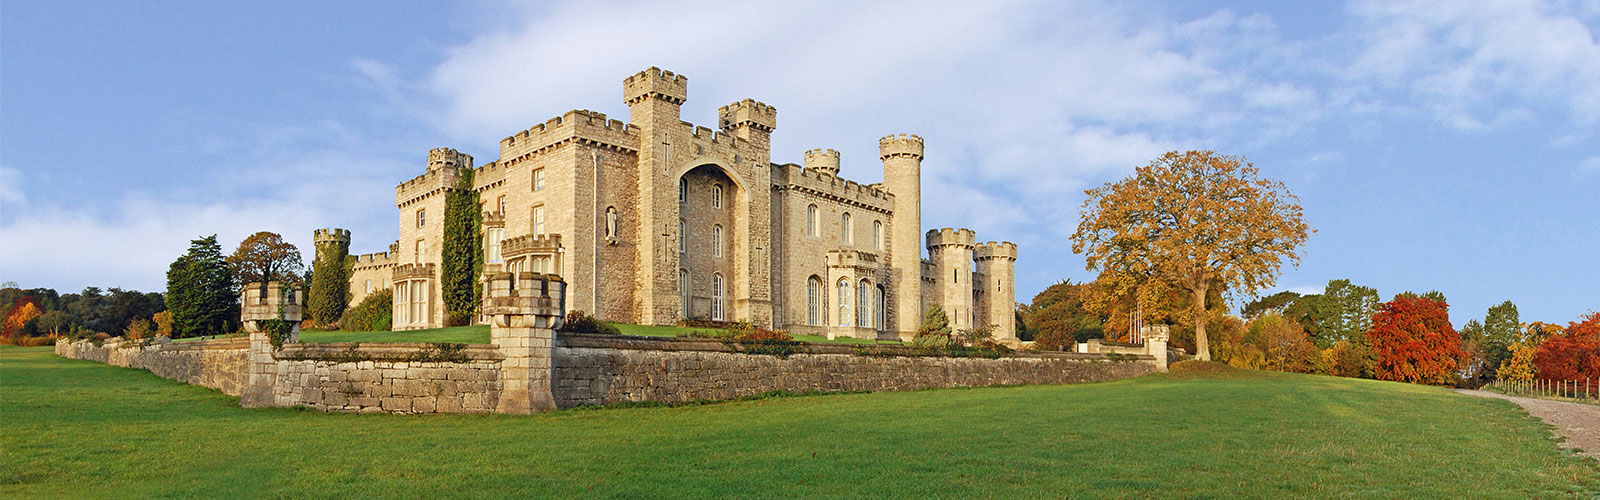 Bodelwyddan Castle 2.jpg